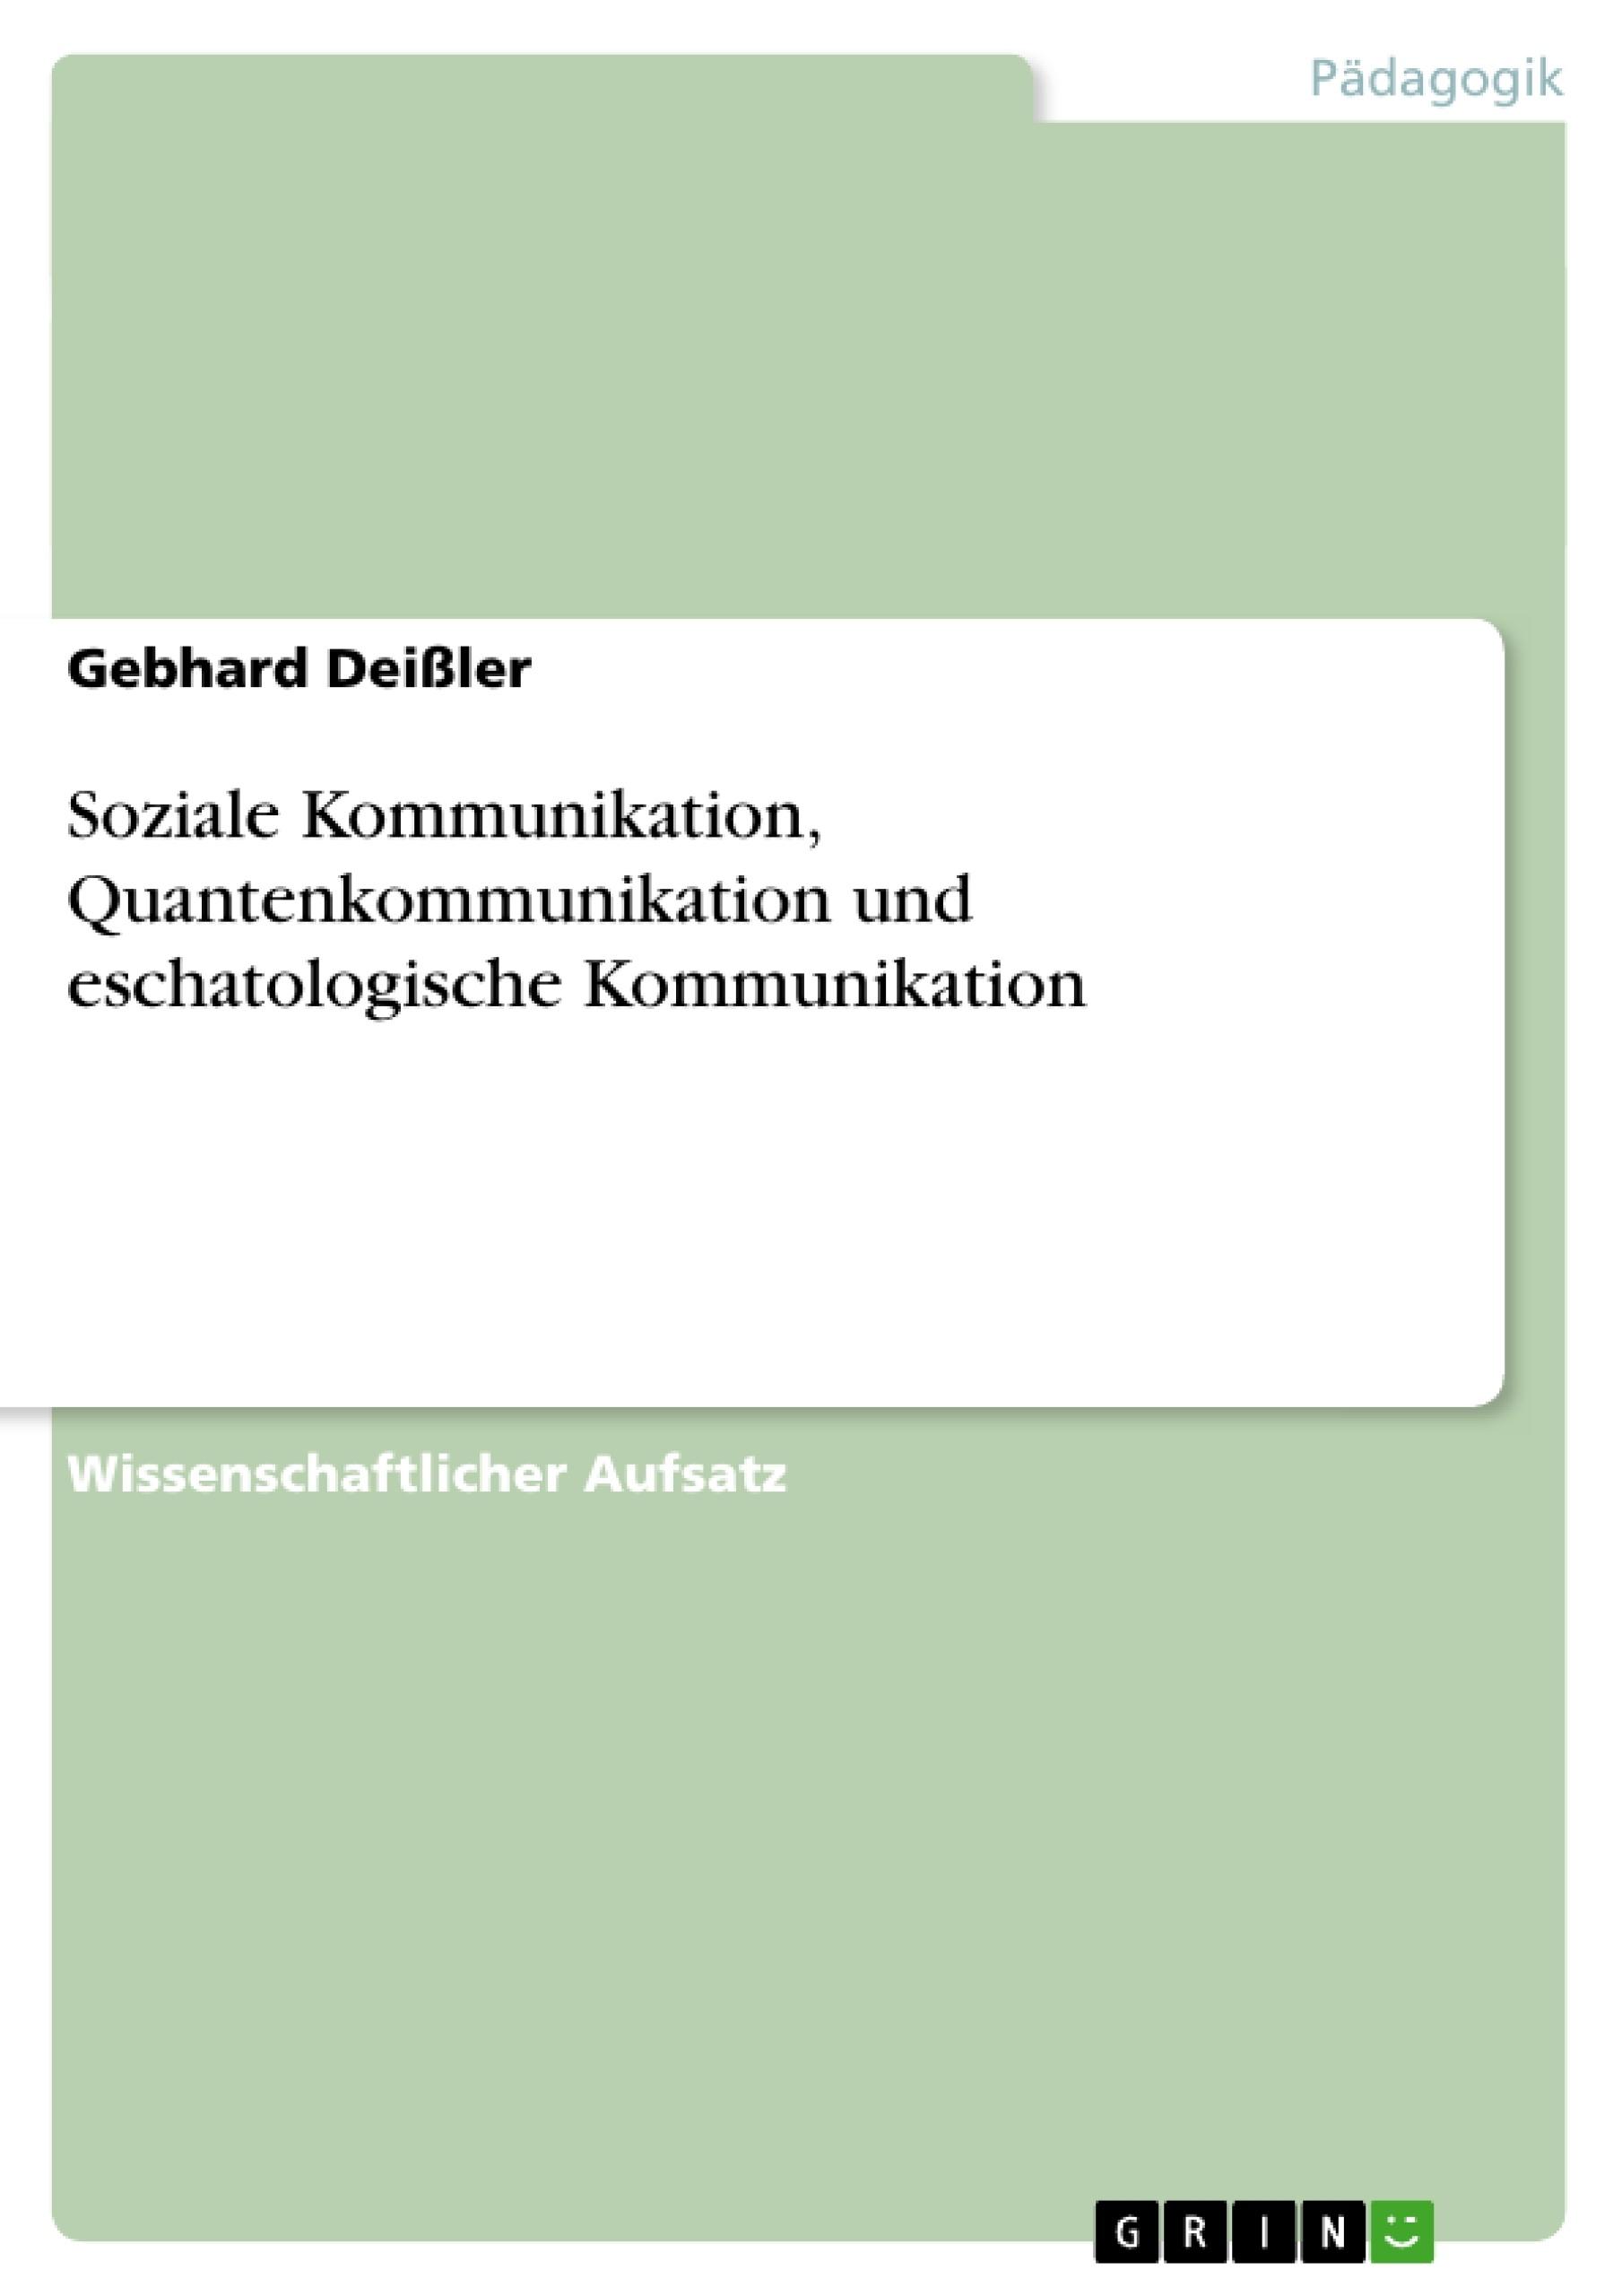 Titel: Soziale Kommunikation, Quantenkommunikation und eschatologische Kommunikation